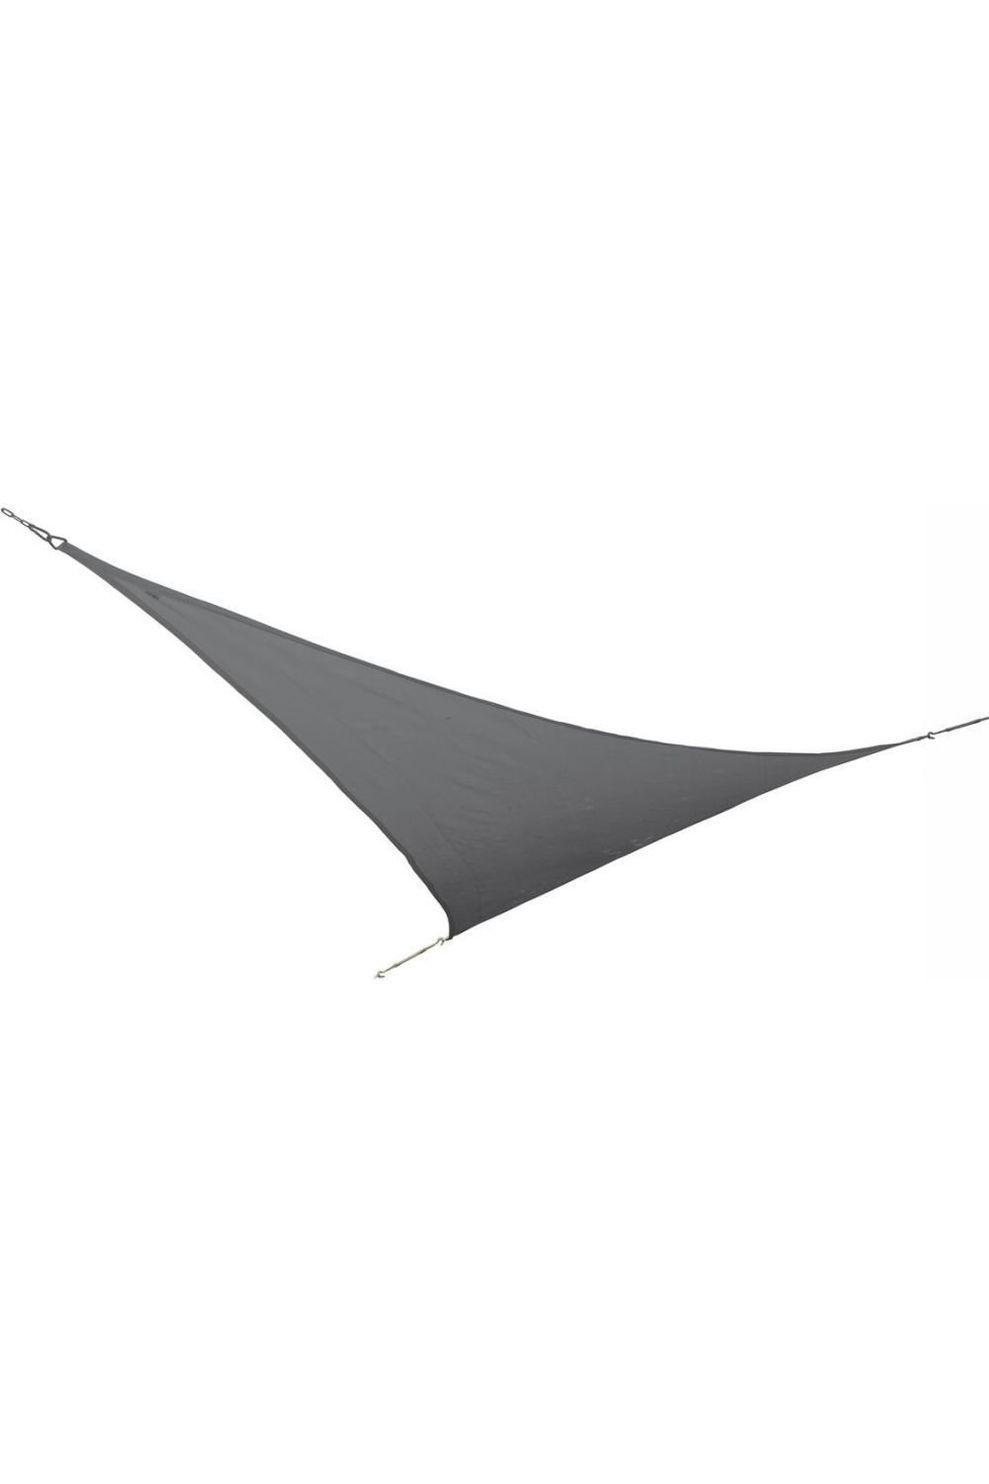 Bo-Garden Voortent Schaduwdoek Driehoek 3,6X3,6X3,6 Meter - Grijs